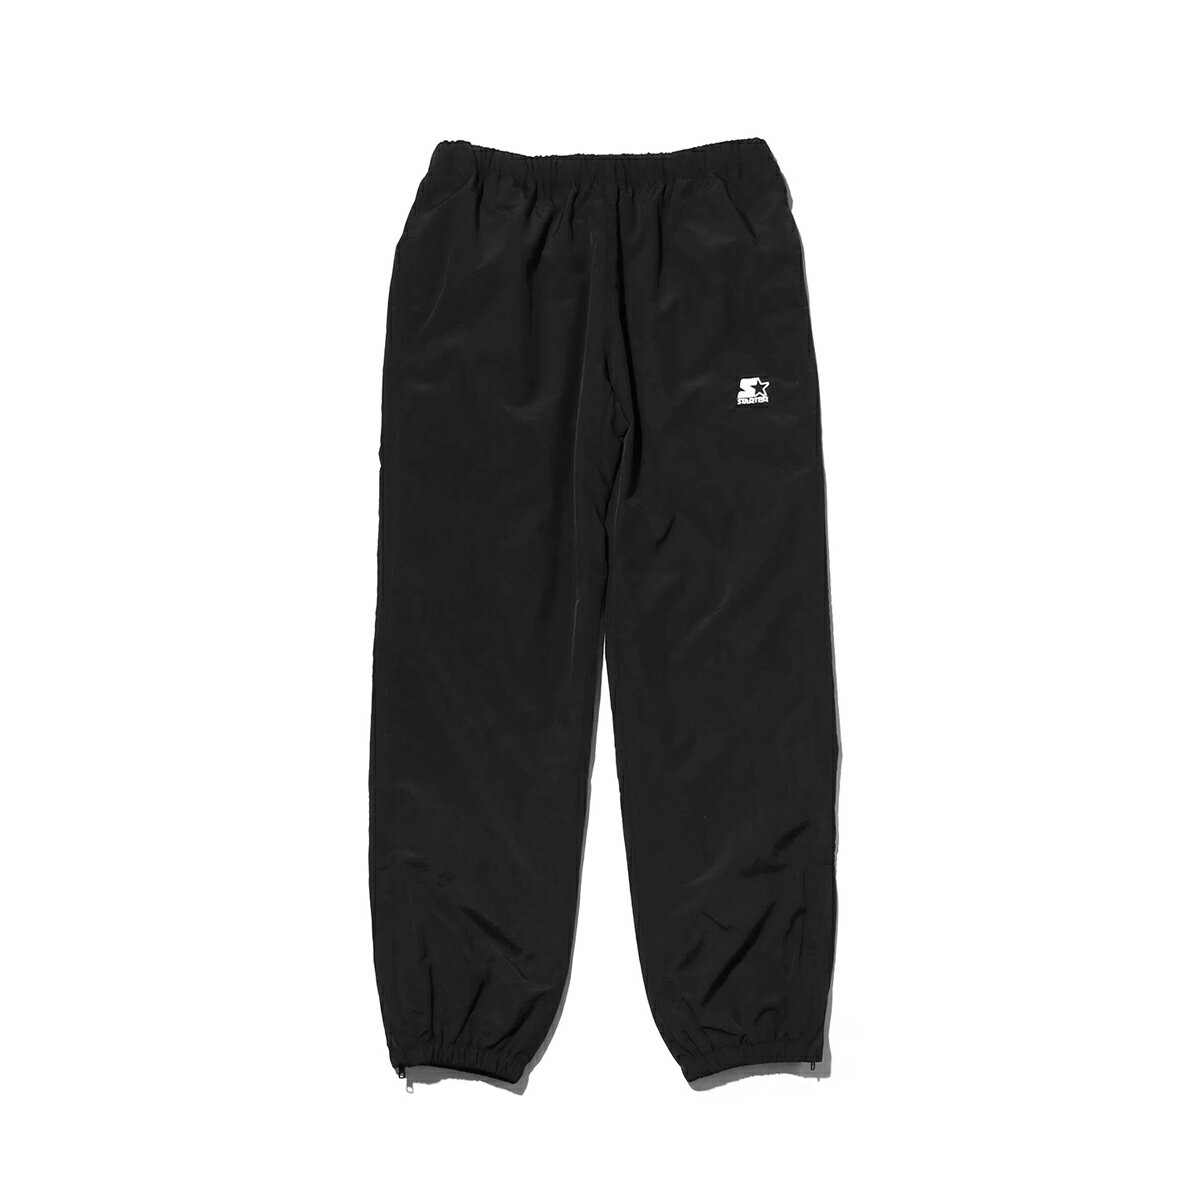 メンズファッション, ズボン・パンツ STARTER BLACK LABEL x ATMOS LAB WARM UP PANTS( )black 18FW-S